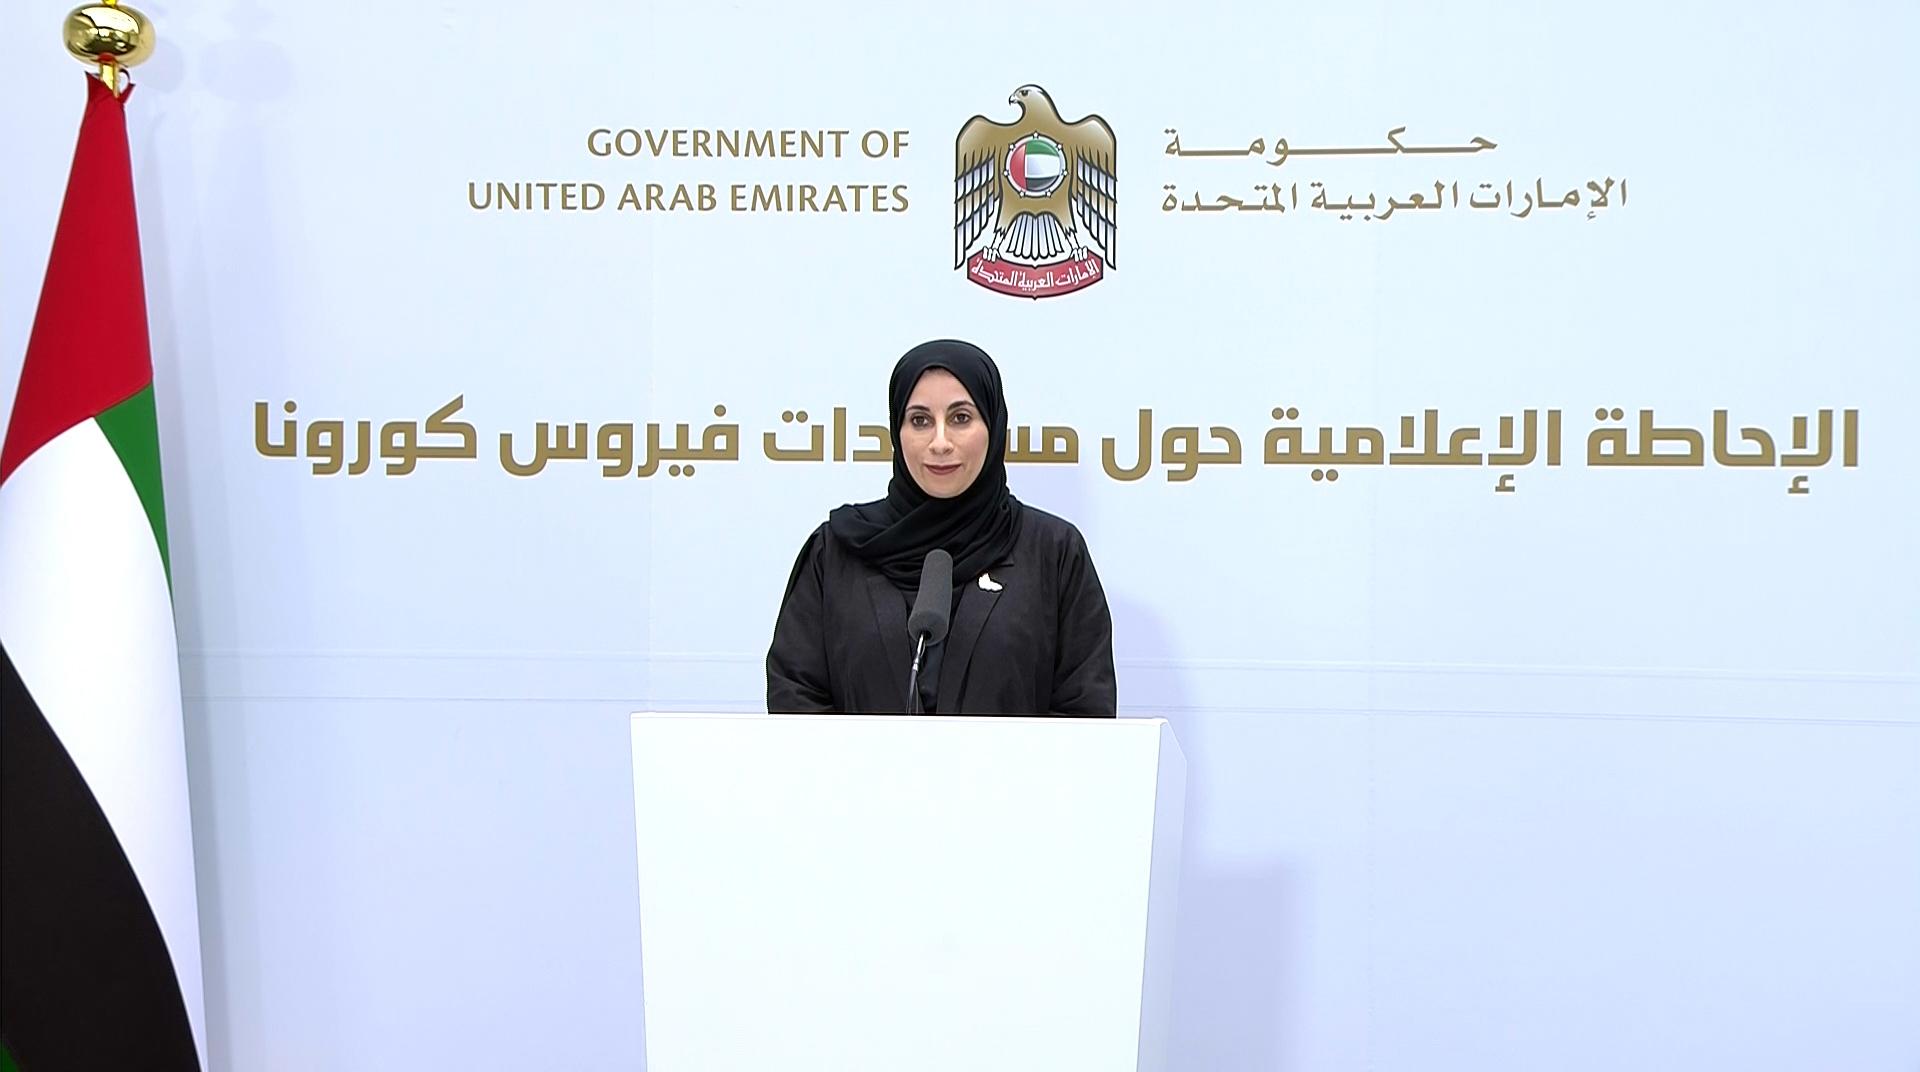 الإحاطة الإعلامية الدورية لحكومة الإمارات تستعرض أهداف ومستجدات الحملة الوطنية